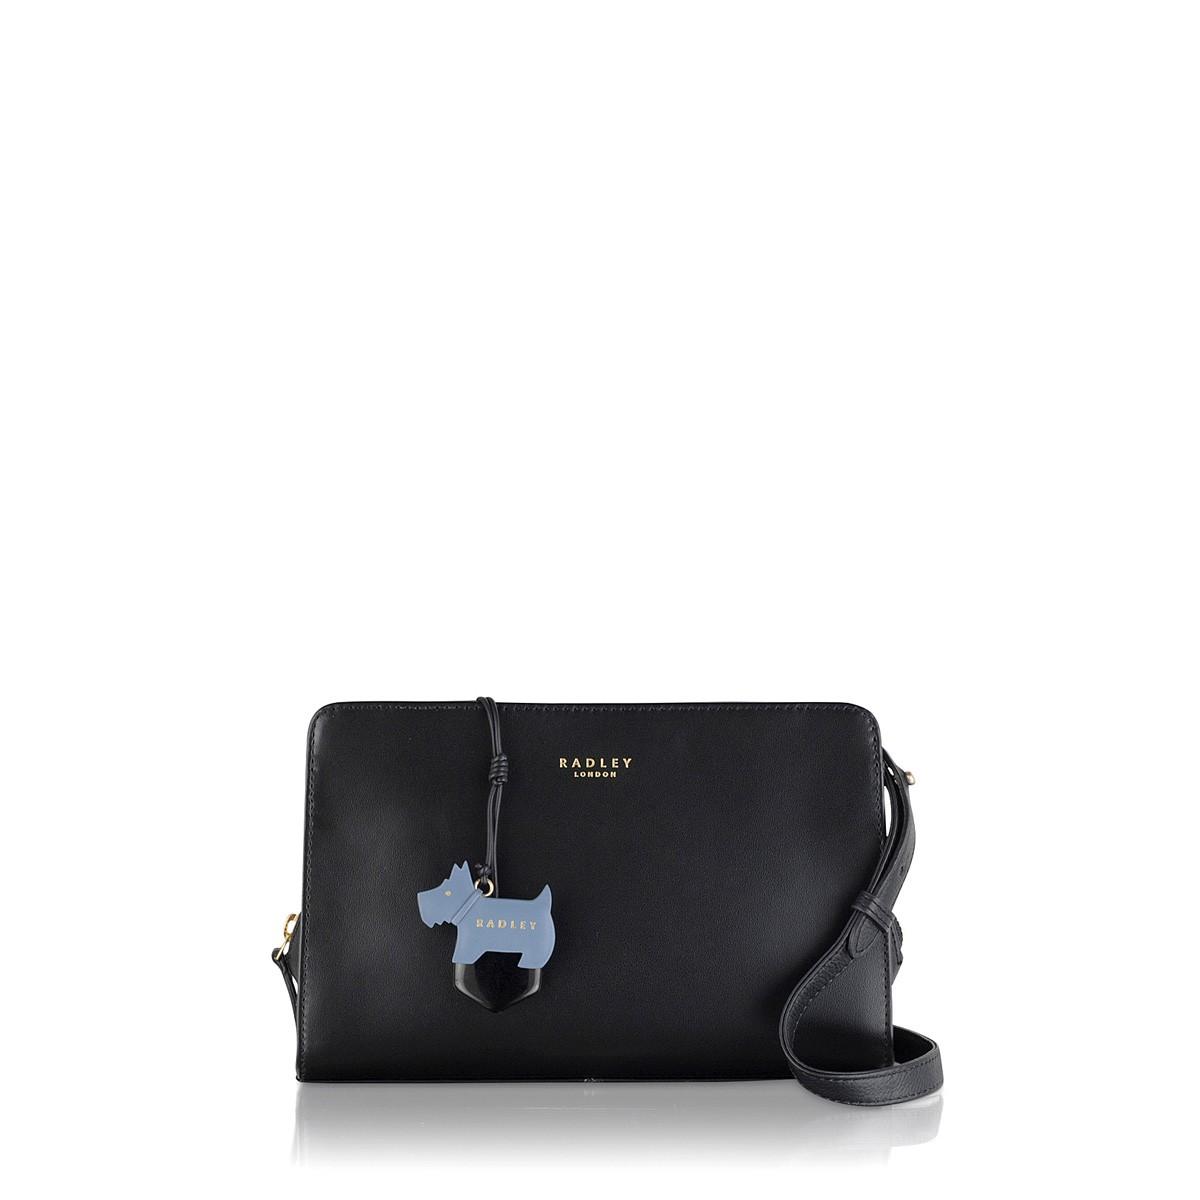 Radley Bag 1 ... HZZFIXR